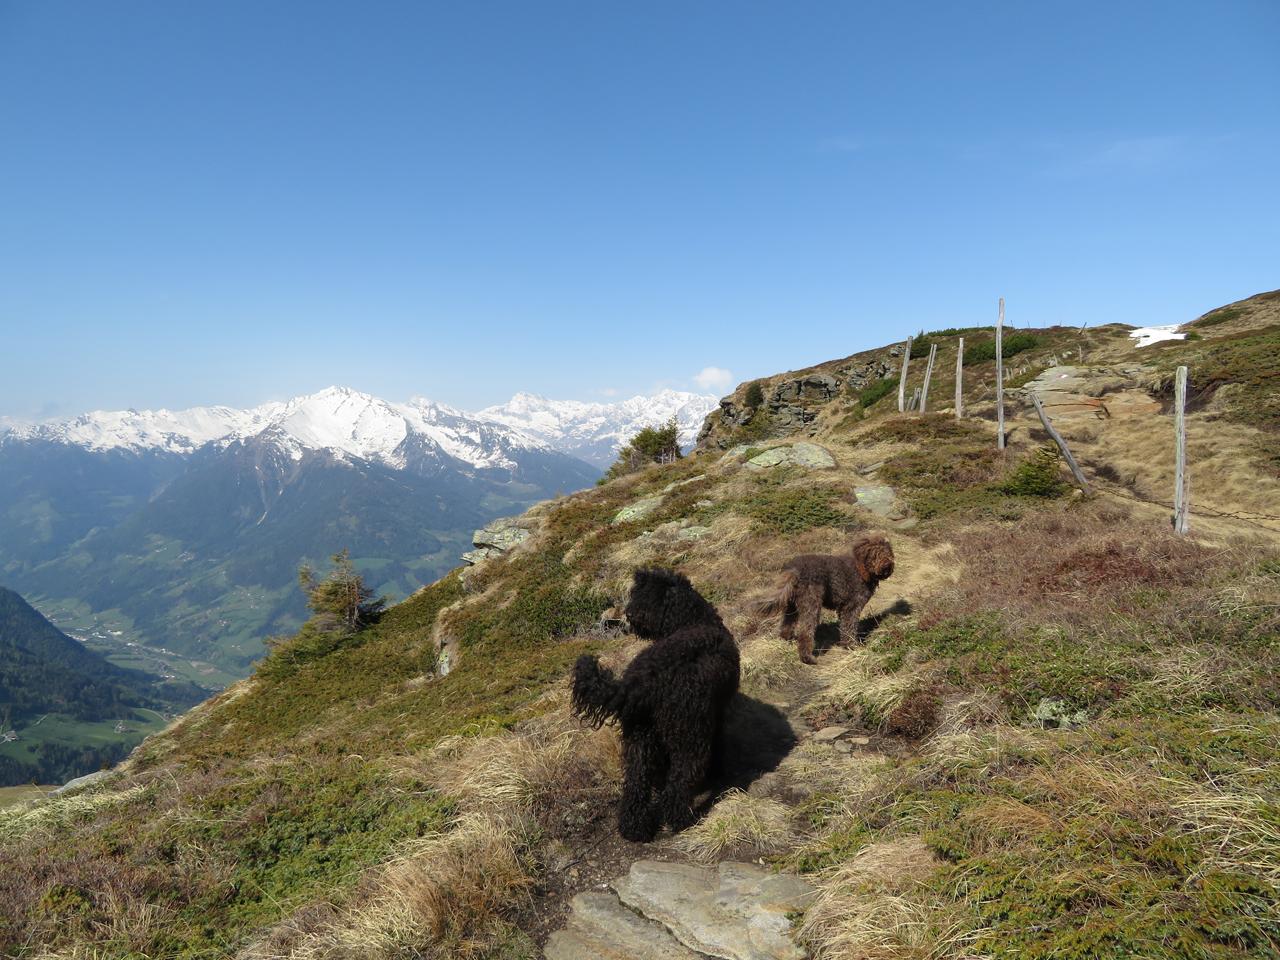 Unsere heutige kleine Wellnesswanderung führt uns über den Urweg Jaufenkamm zum Fleckner (2331m) in den südl. Stubaier Alpen im Jaufenpass Gebiet